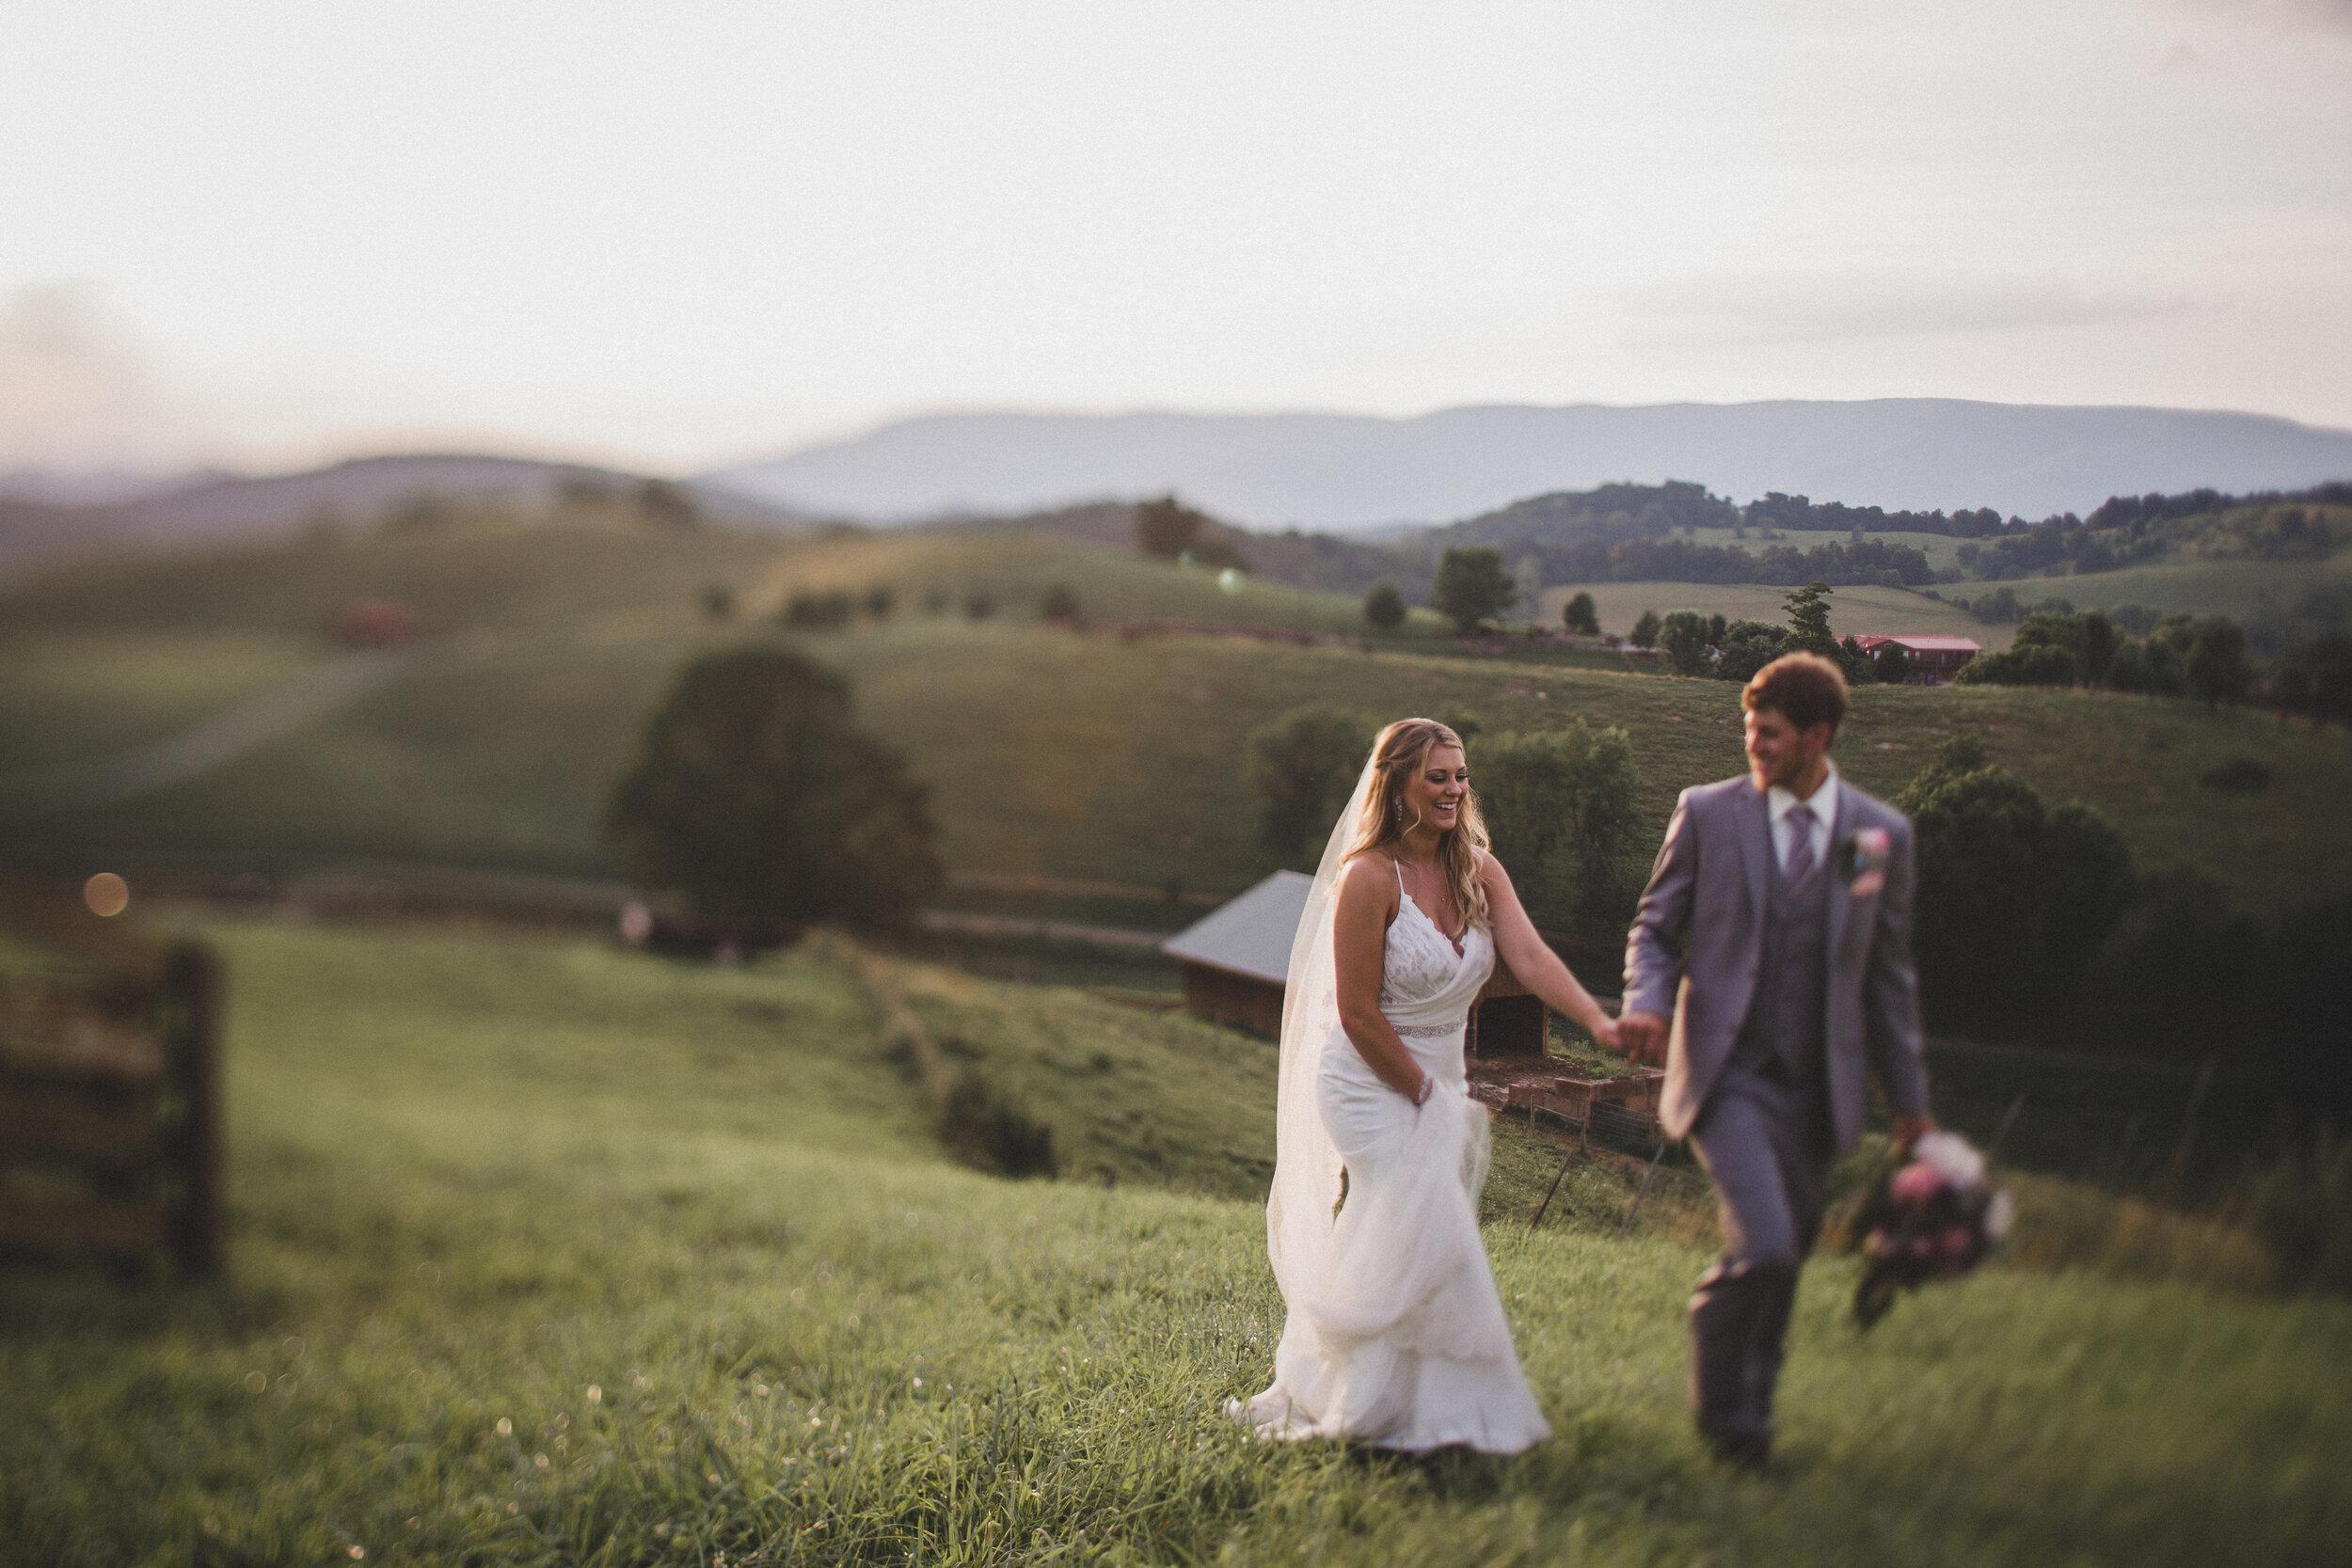 ERP_2018_JennaLogan_Abingdon-virginia-farm-wedding-photographer_-590.jpg